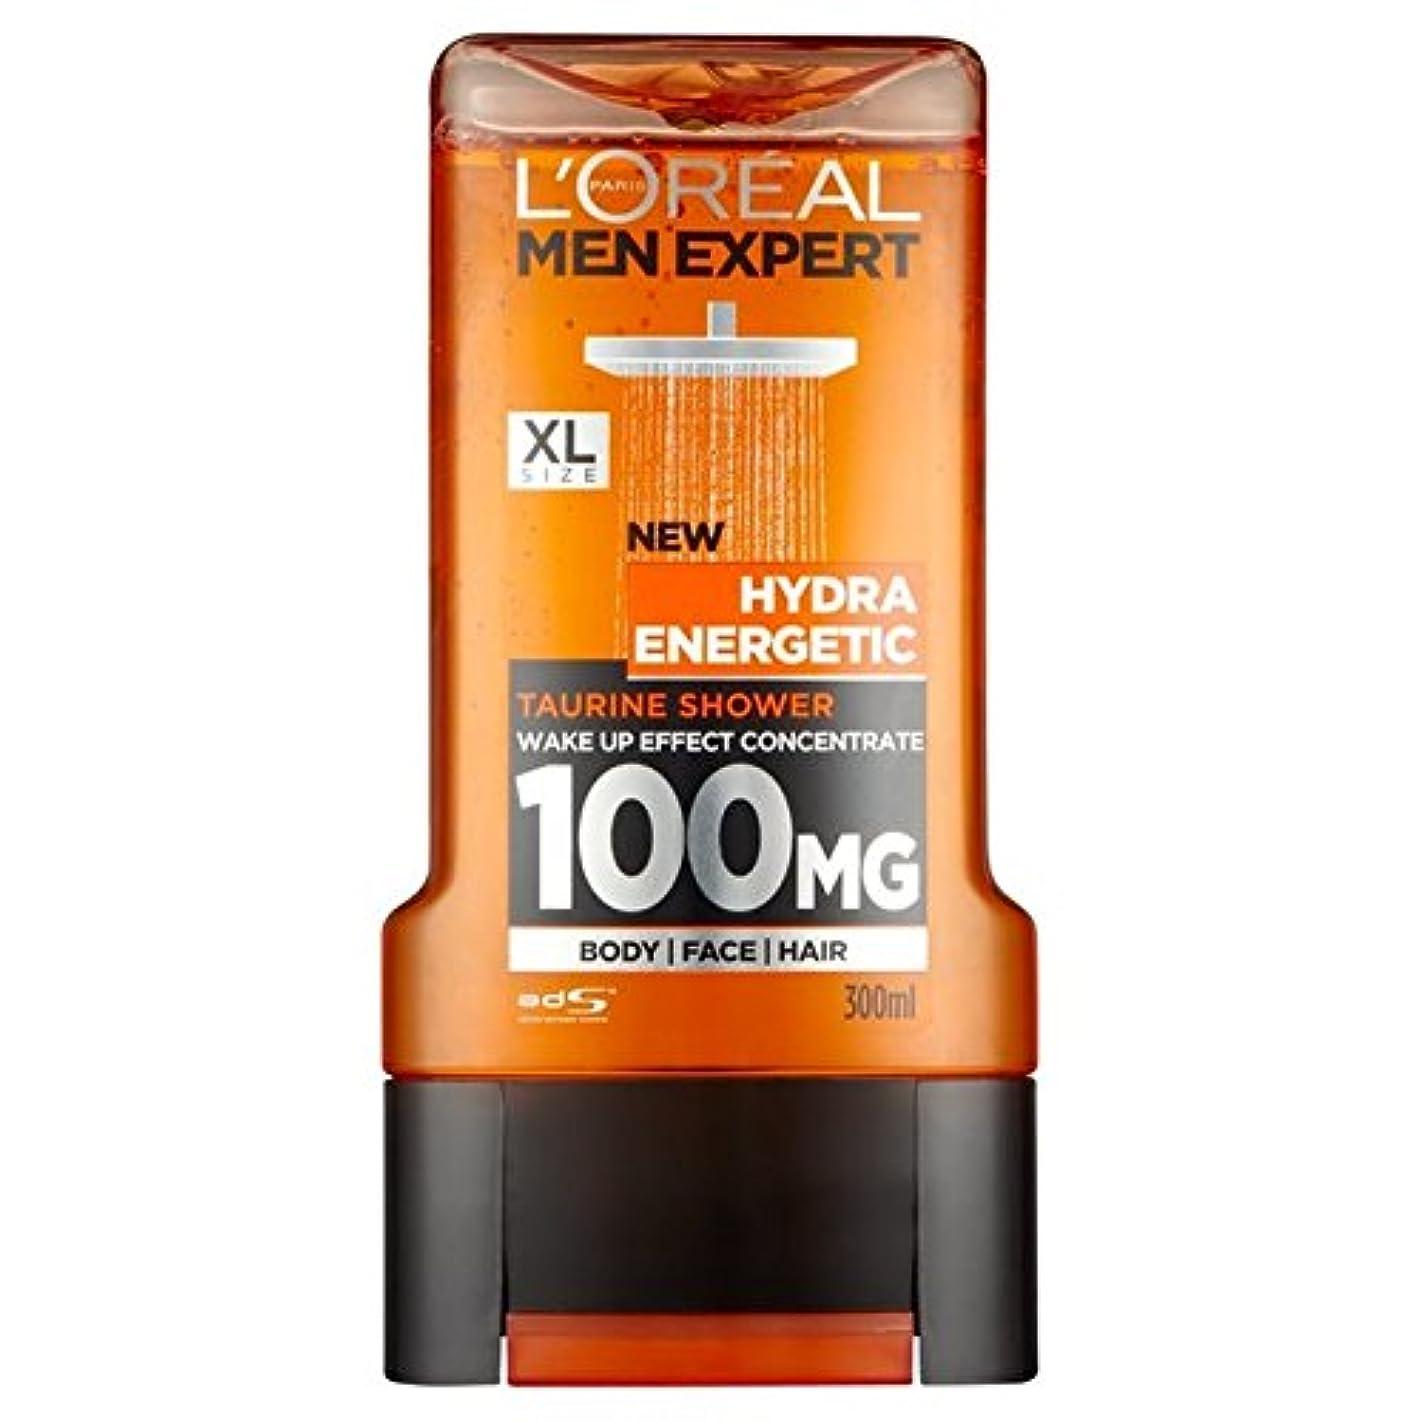 アクチュエータ許容できる磁石ロレアルパリのメンズ専門家ヒドラエネルギッシュなシャワージェル300ミリリットル x4 - L'Oreal Paris Men Expert Hydra Energetic Shower Gel 300ml (Pack...